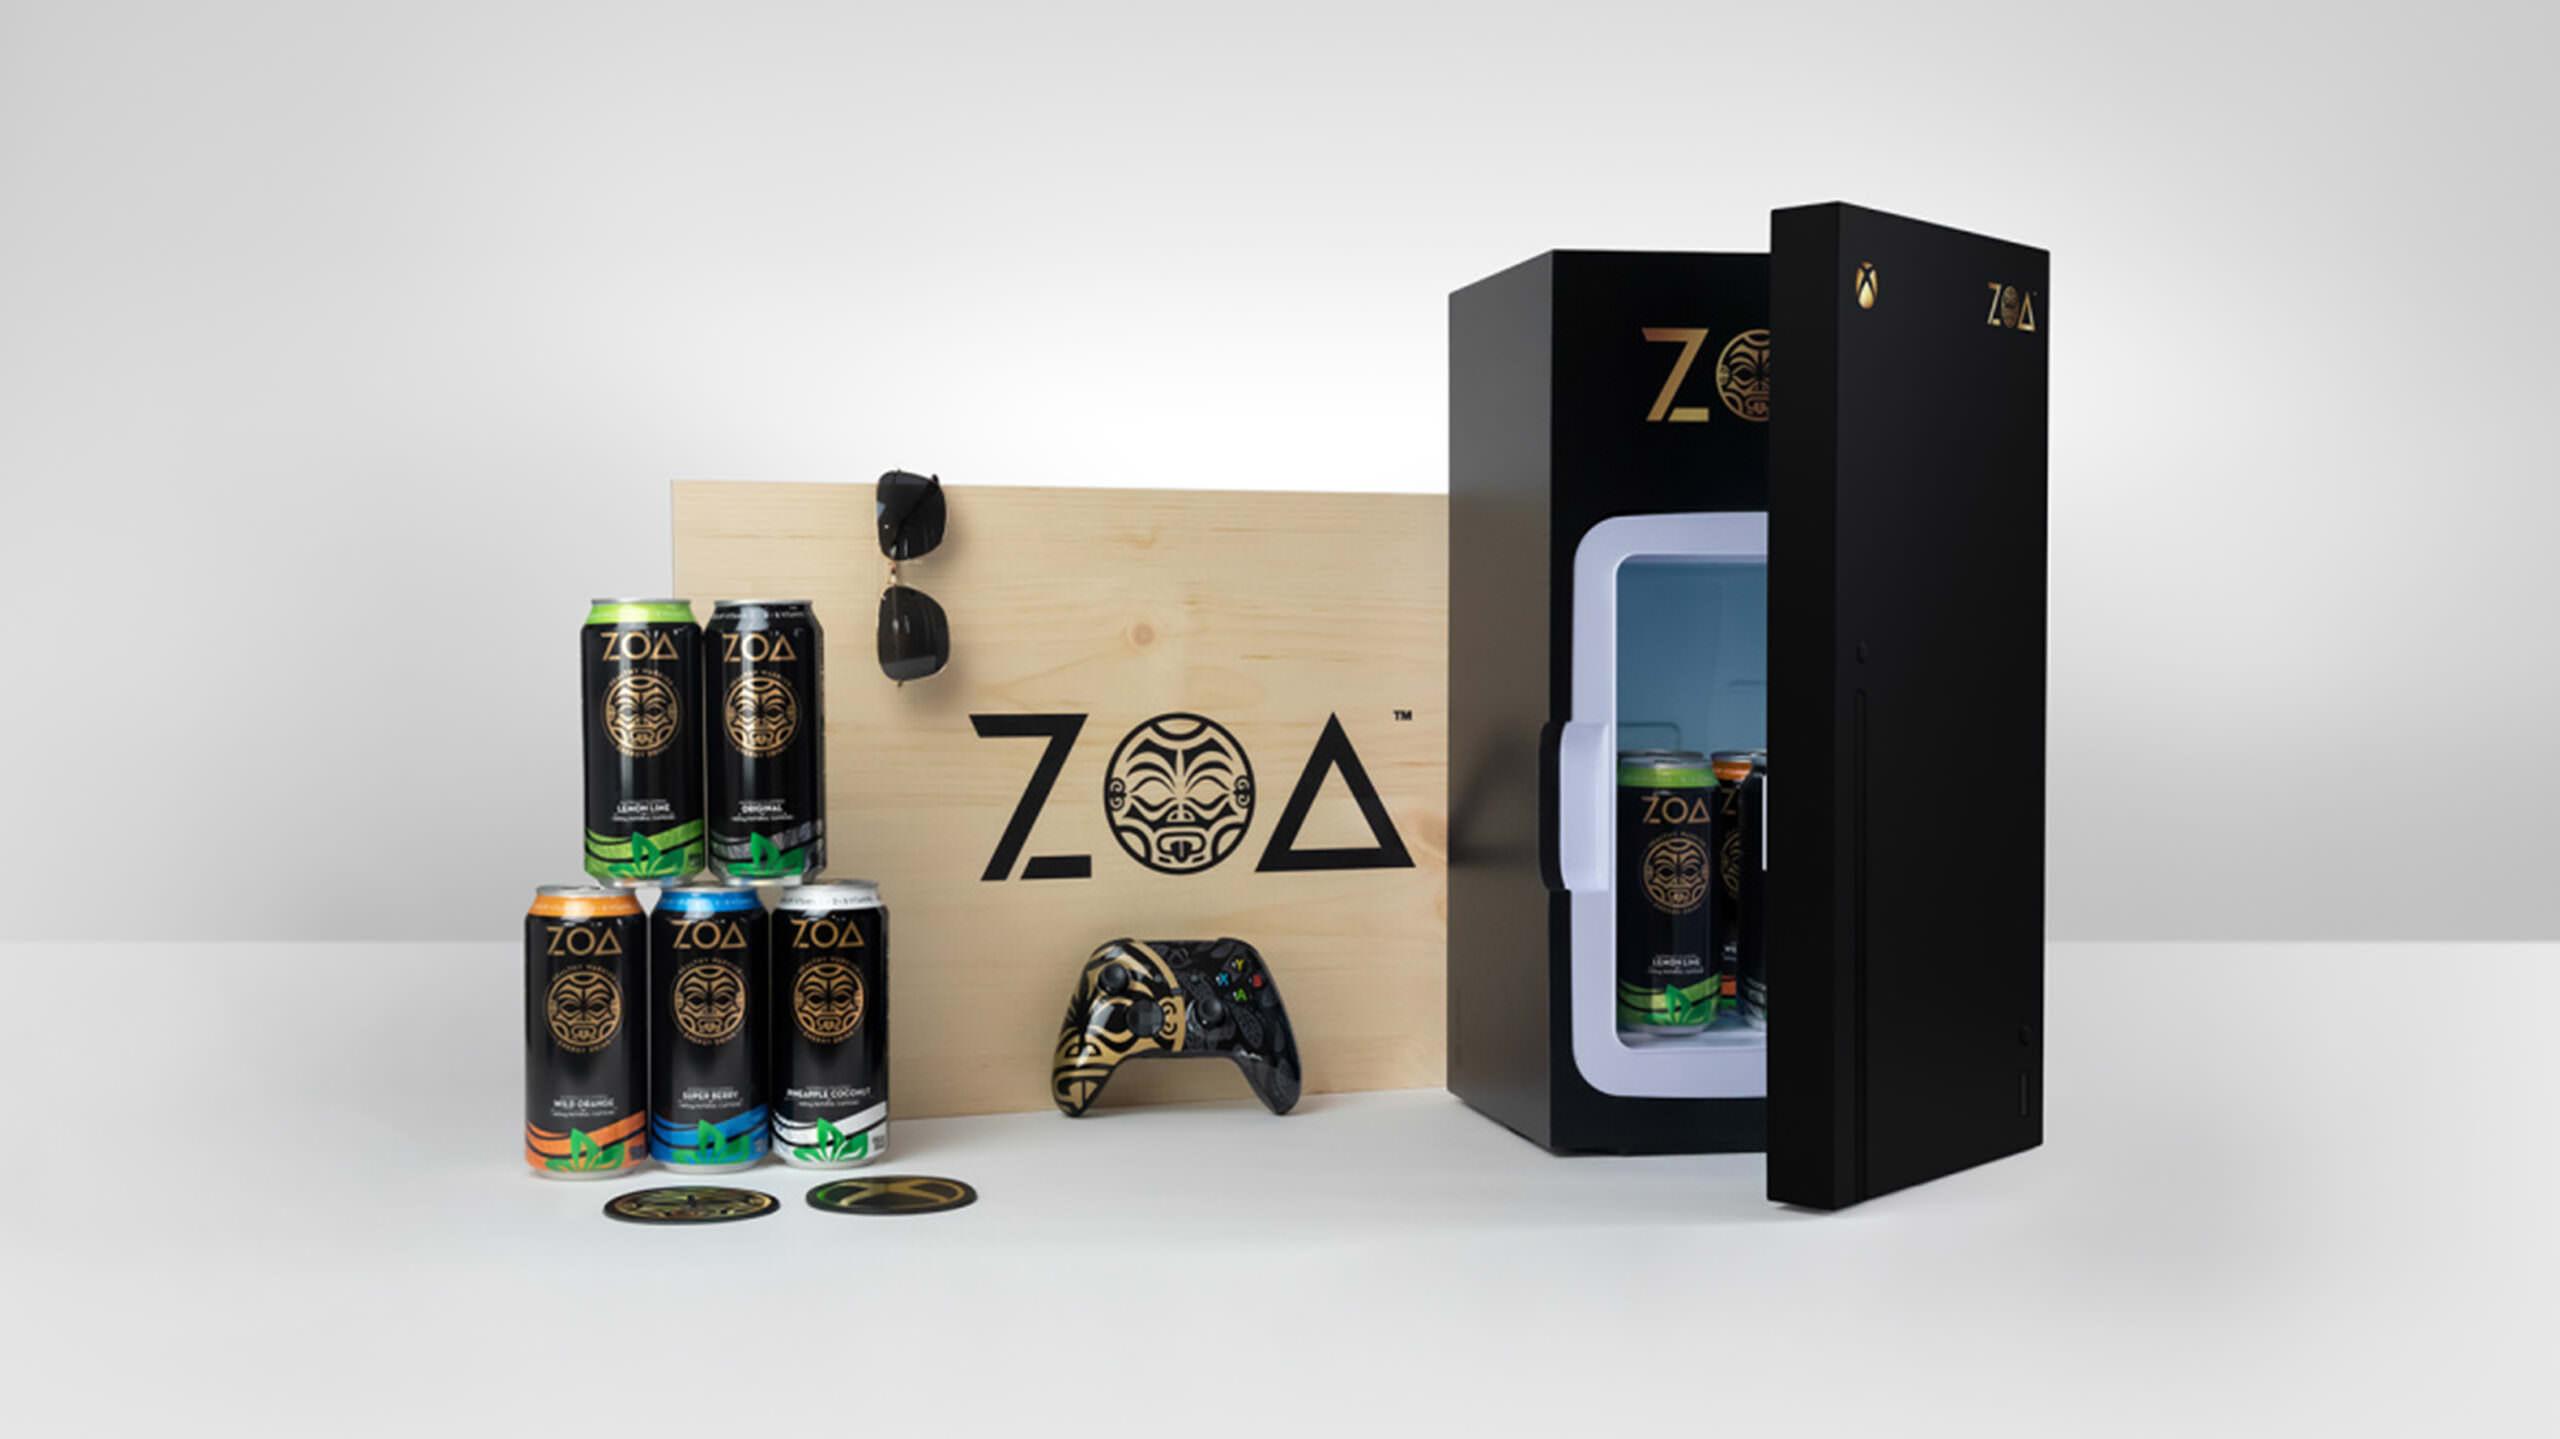 Microsoft promove a marca de bebidas energéticas The Rock com minigeladeira Xbox Series X